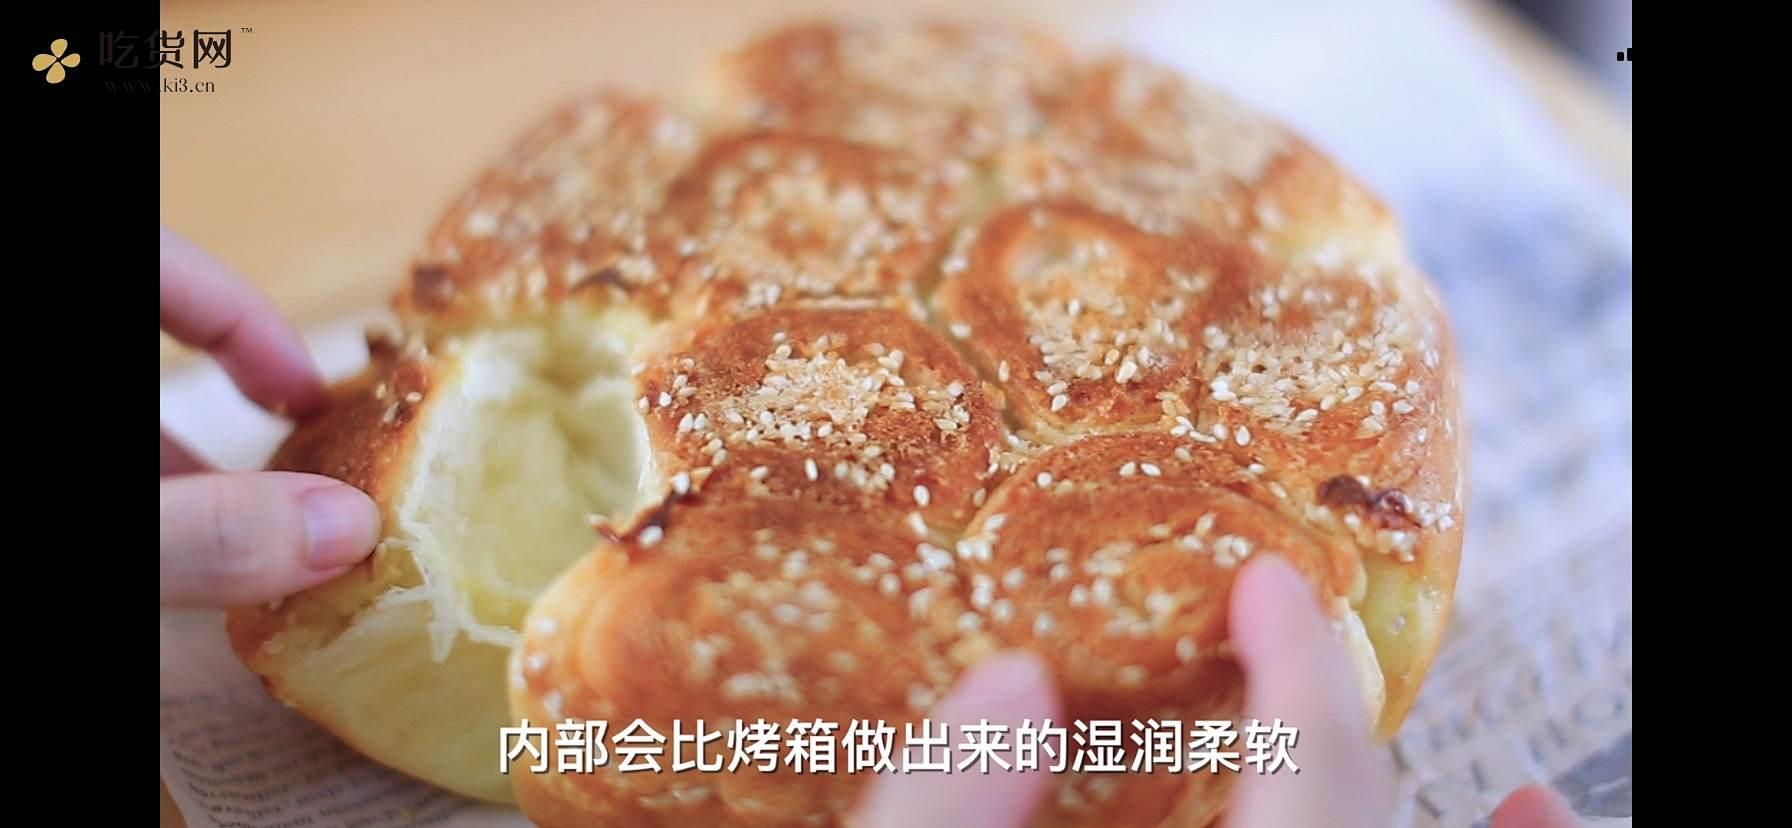 蜂蜜小面包(电饭煲和烤箱两个版本)的做法 步骤20